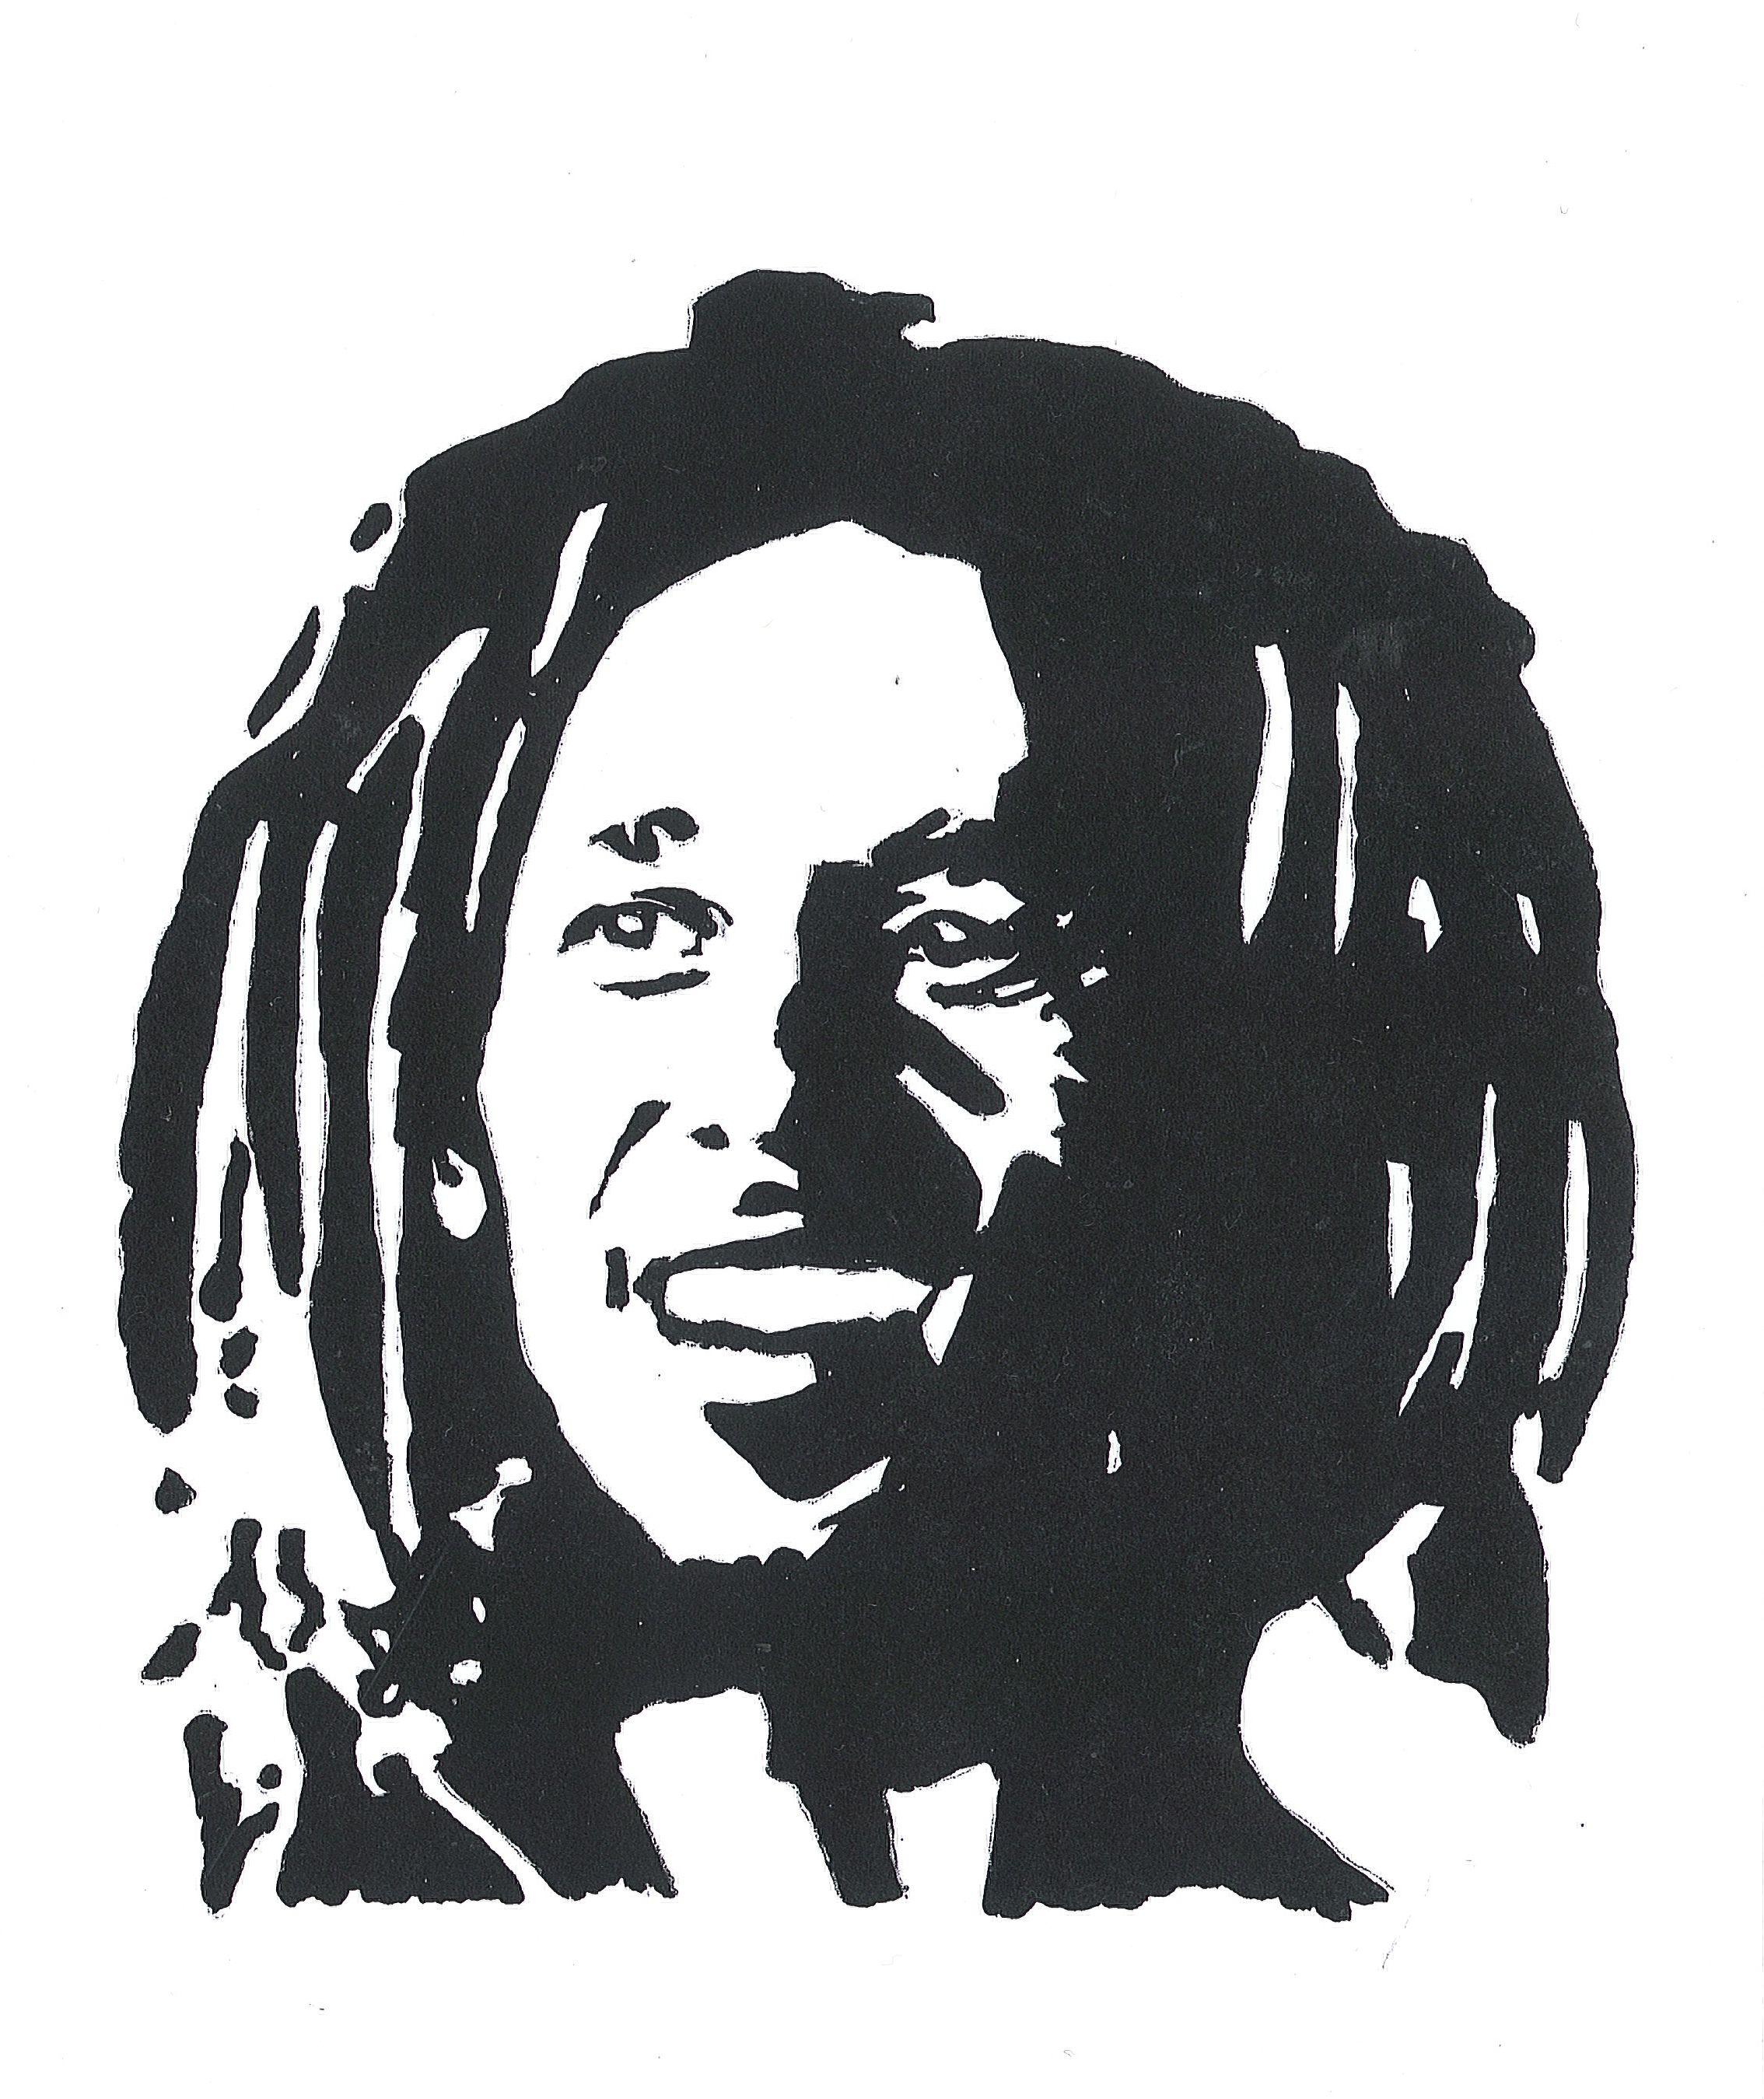 bob marley stencil Google Search Noir et blanc, Dessin